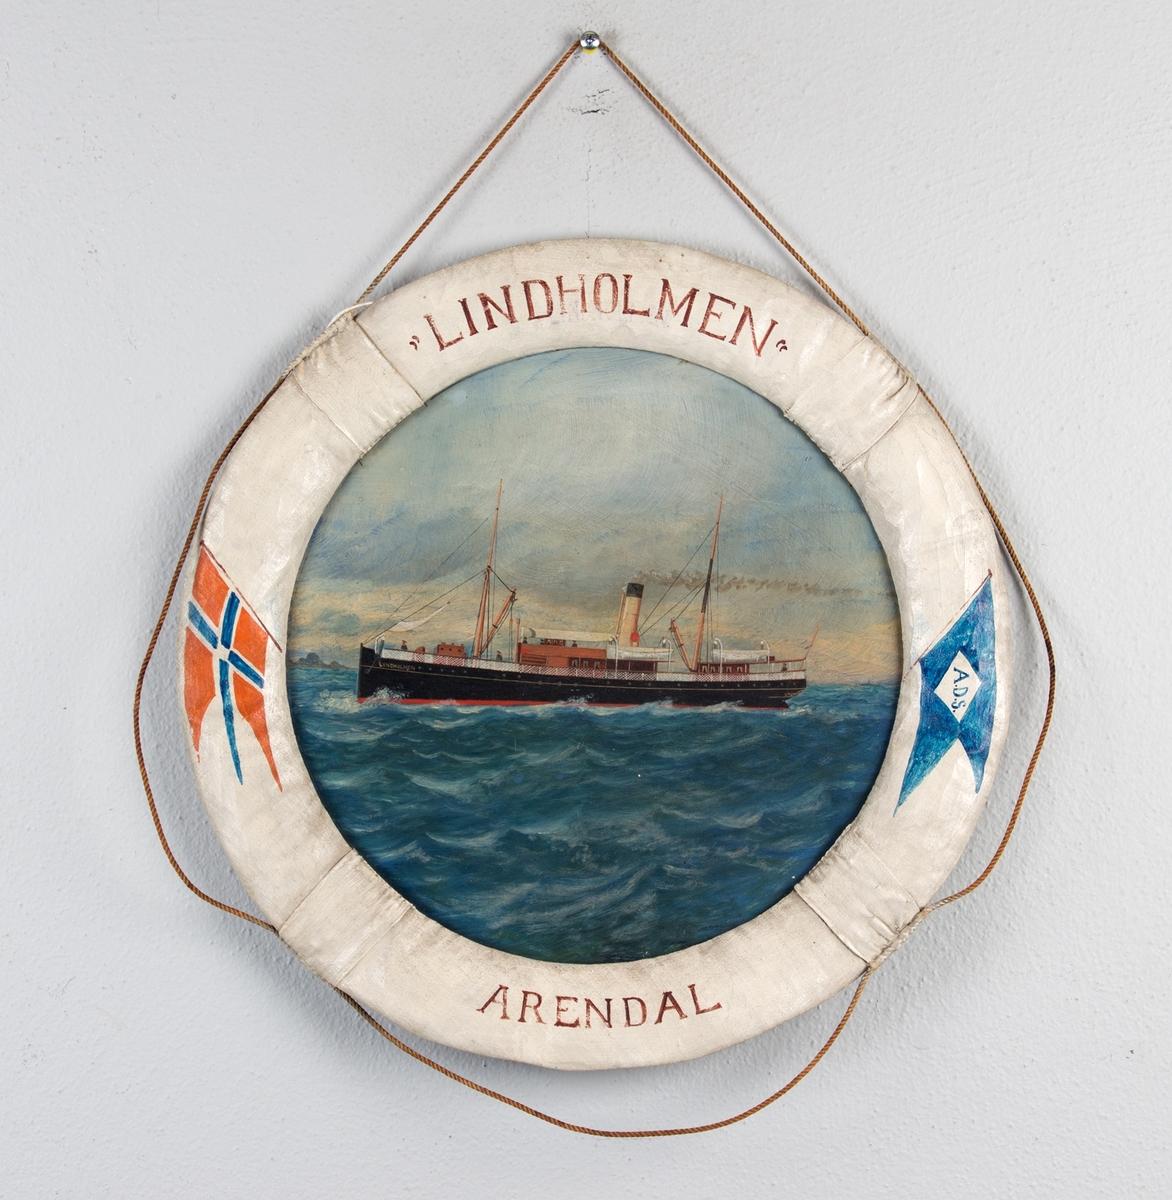 Skipsportrett av DS LINDHOLM i rom sjø. Rammen er utformet som en livbøye dekorert med norske flagg og skipets  navn og hjemmehavn.